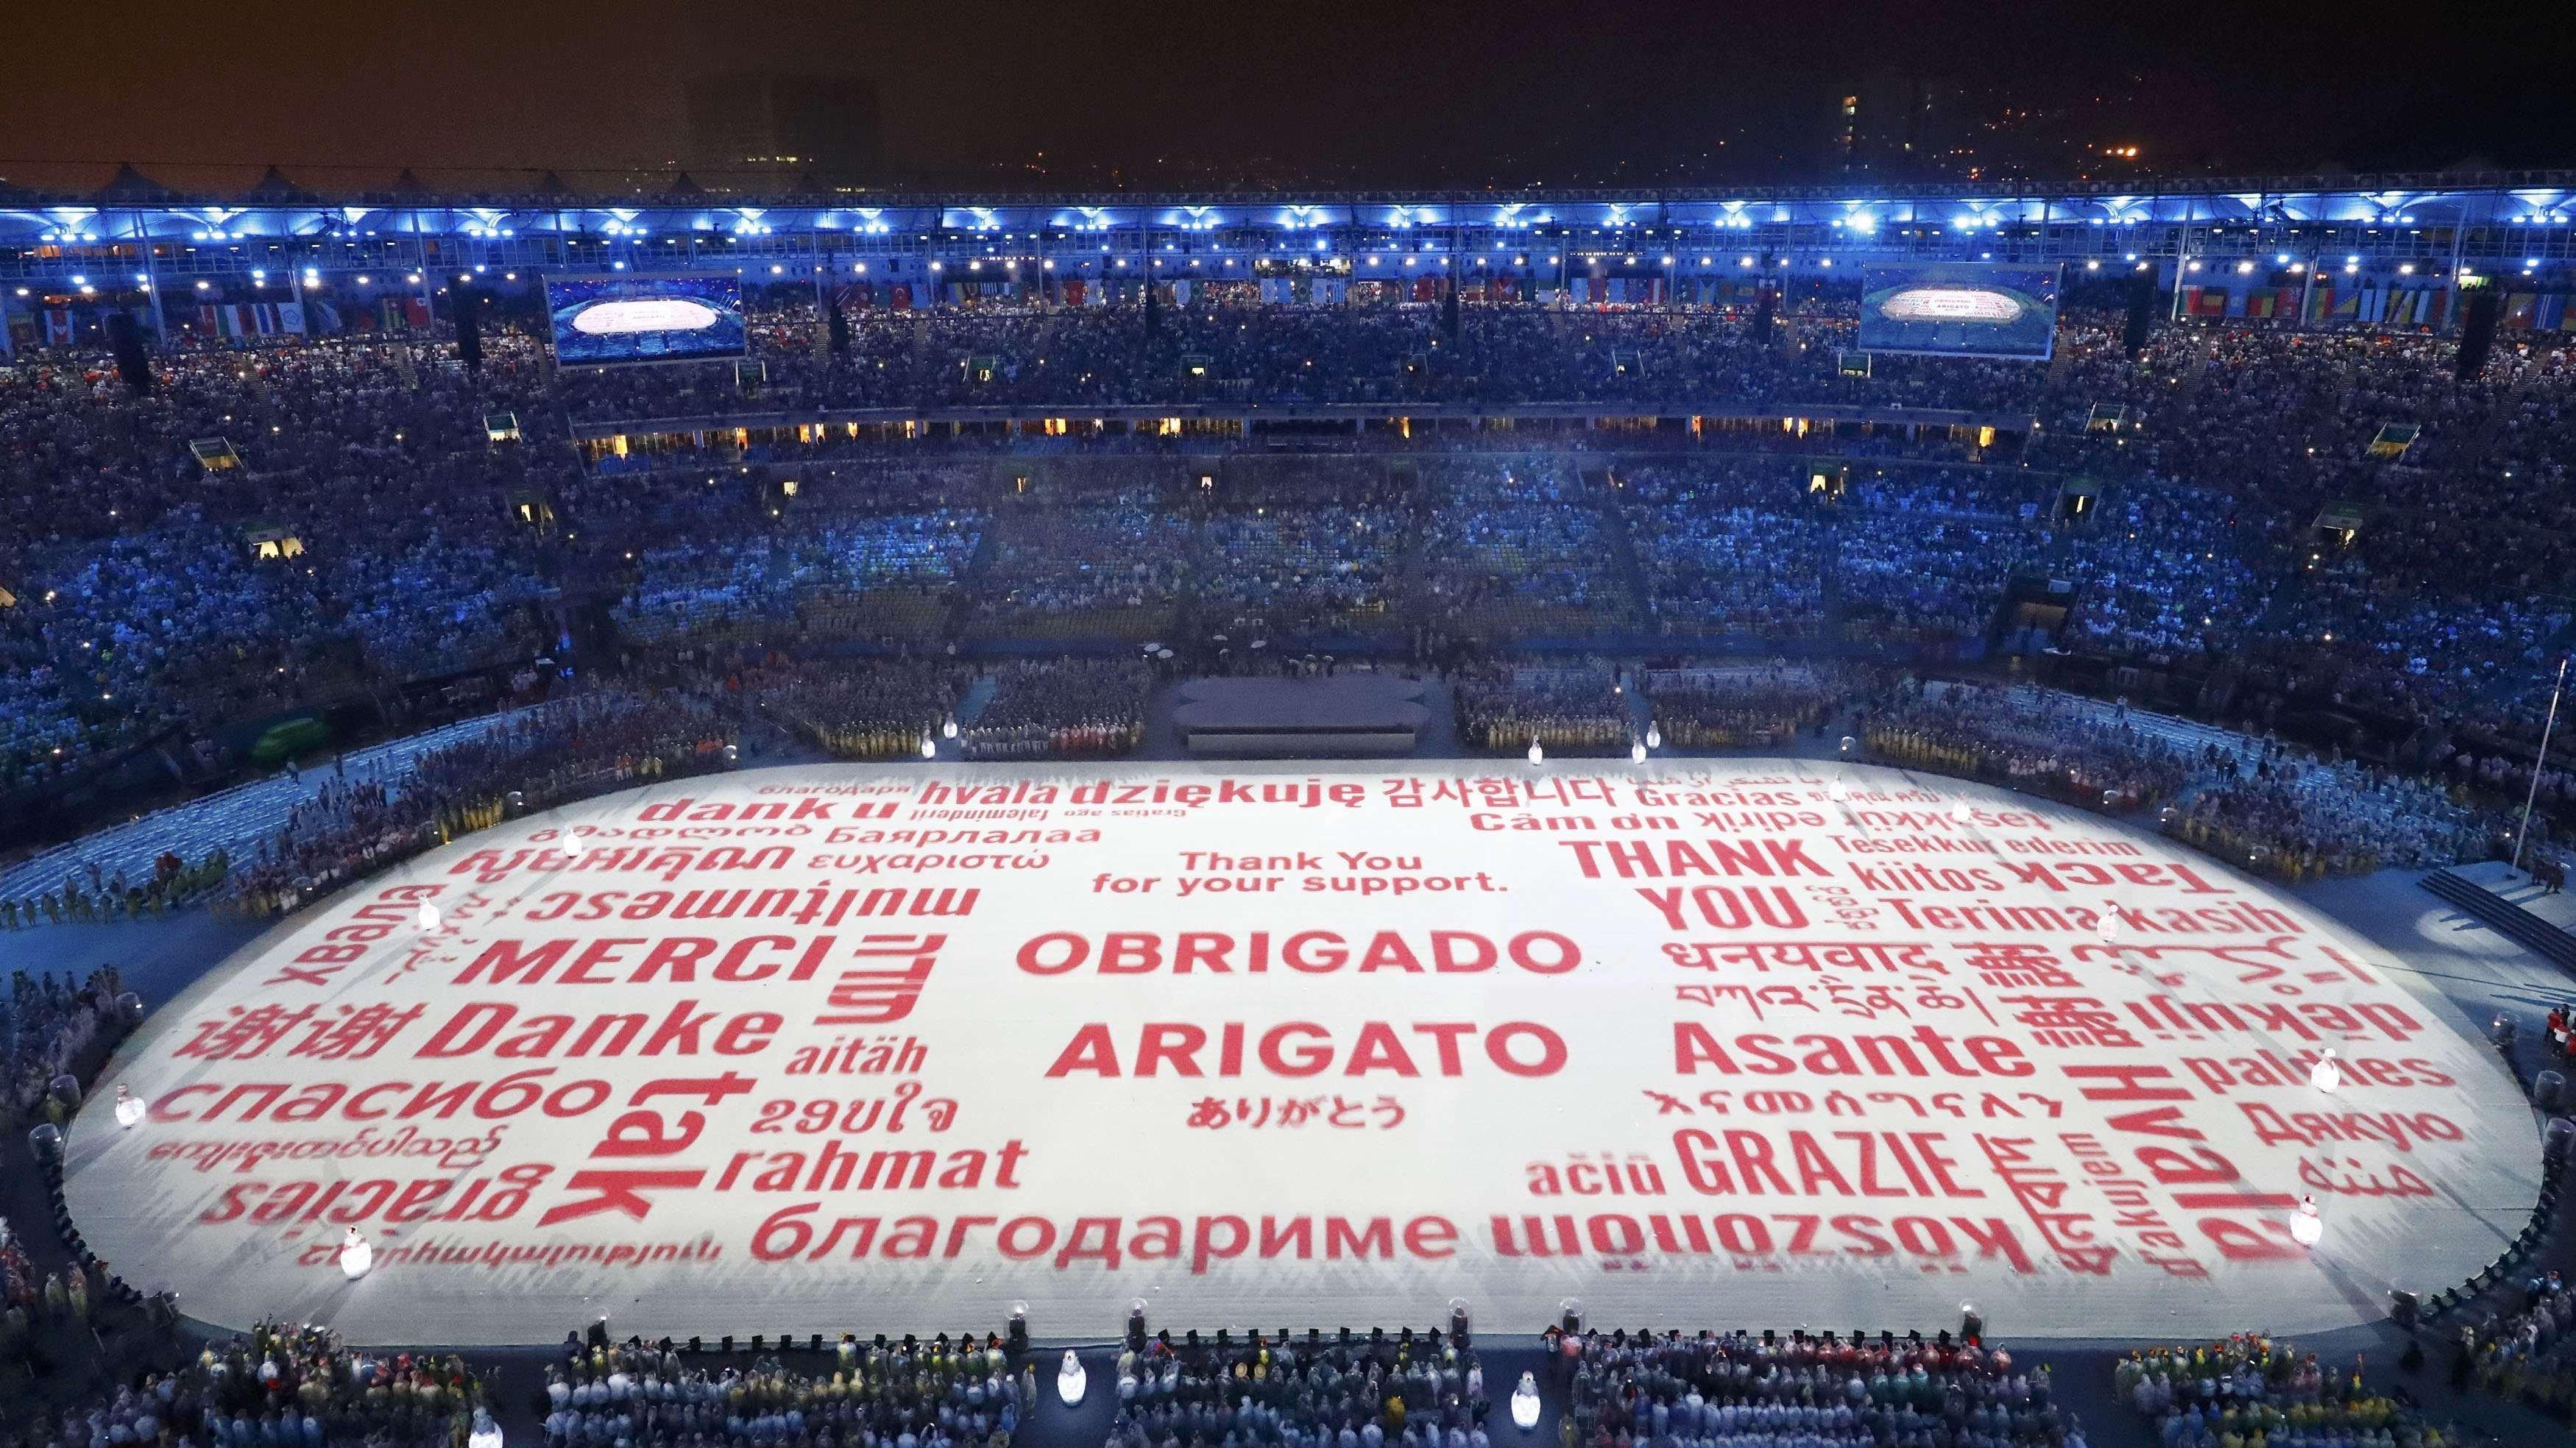 Las palabras gracias en portugués, japonés y otros idiomas